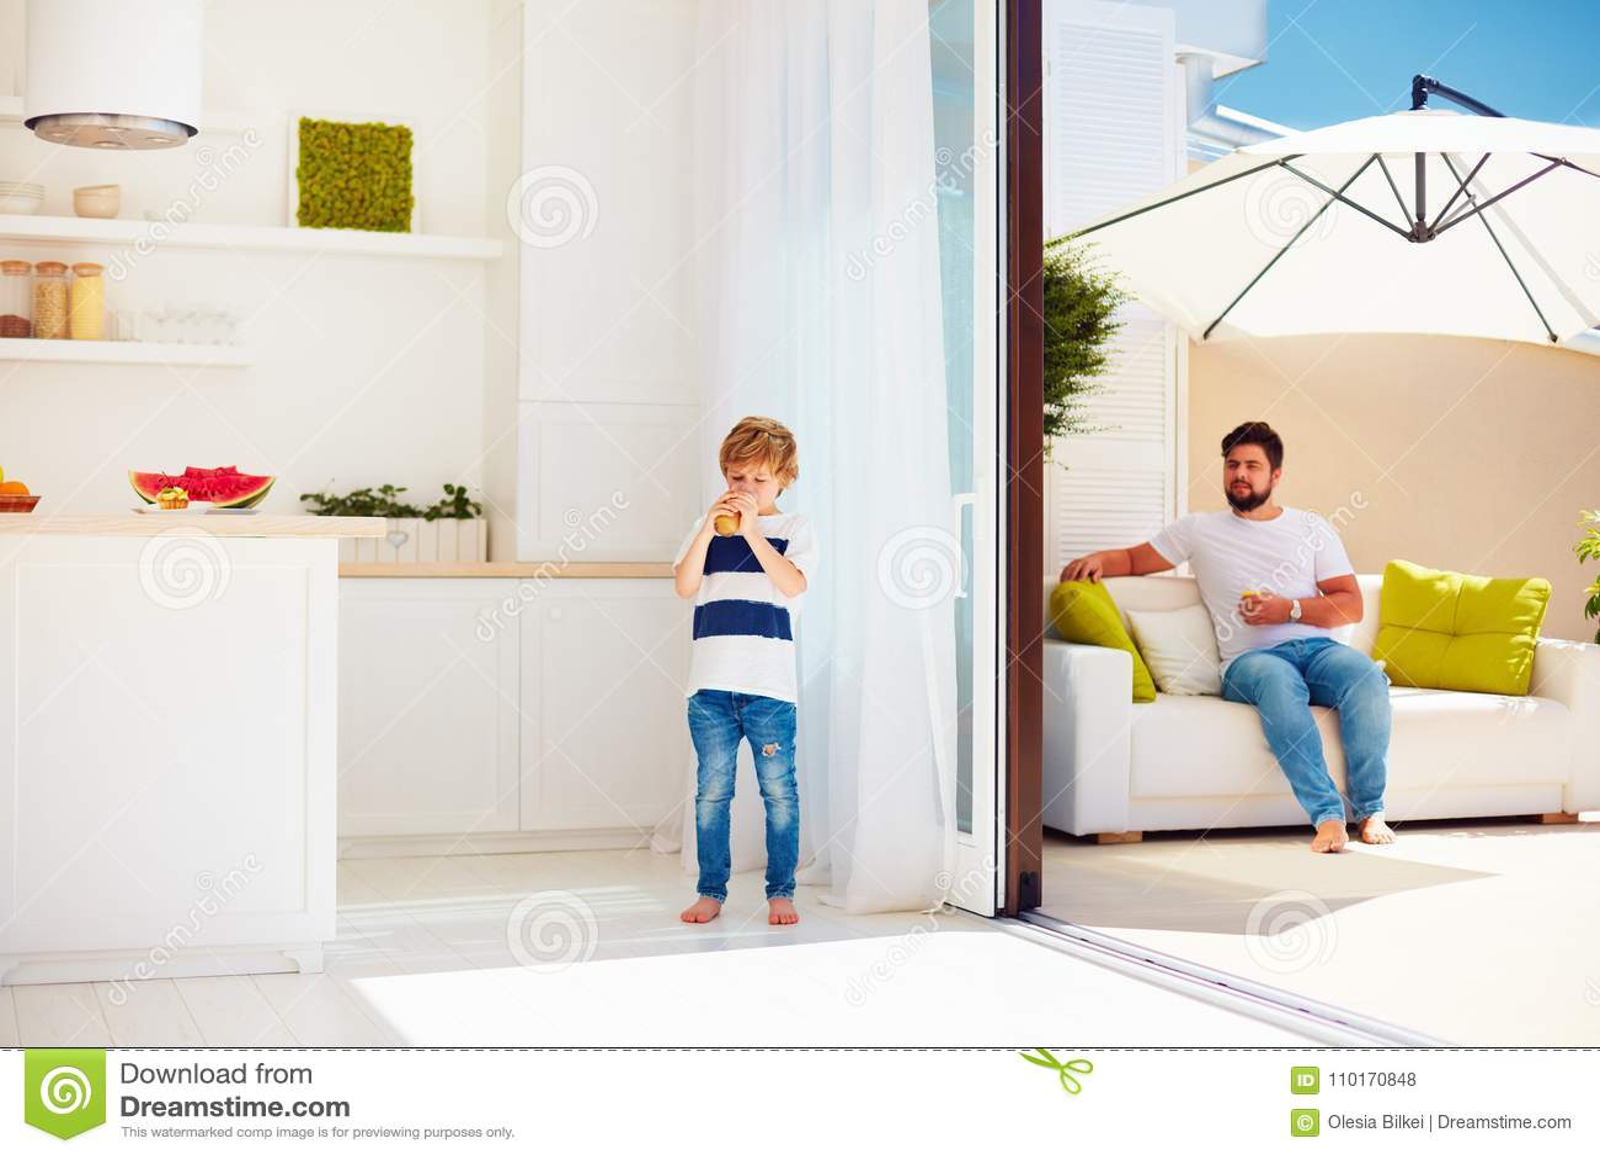 patio kitchen remodel seattle 放松在有露天场所厨房的屋顶露台的愉快的家庭温暖的夏日库存照片 图片 放松在有露天场所厨房的屋顶露台的愉快的家庭温暖的夏